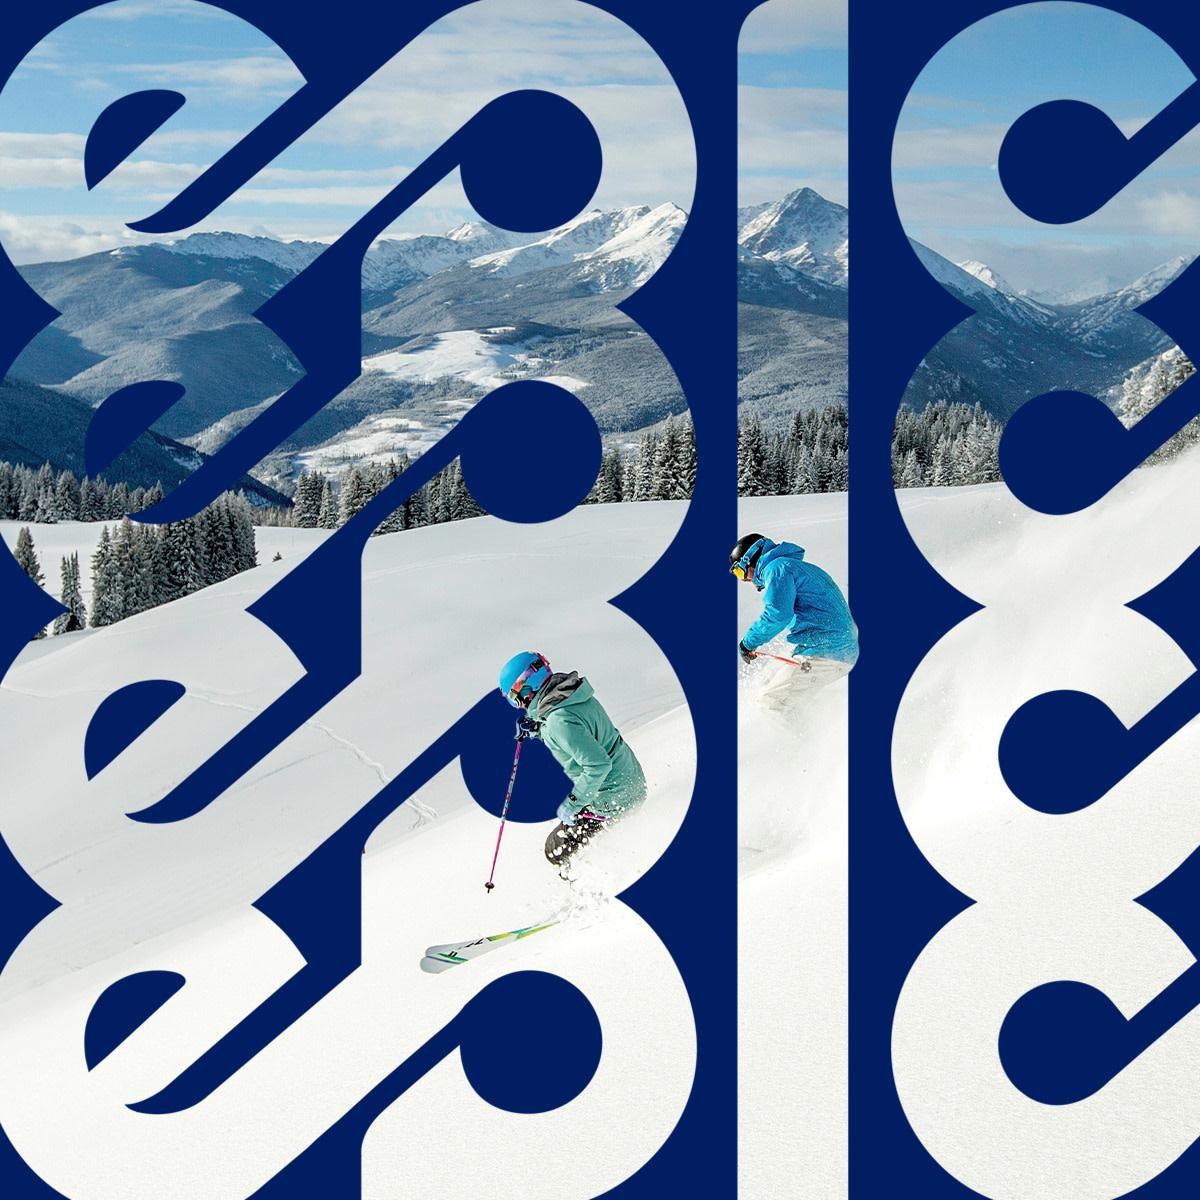 Vail Resorts Opening Dates for 2021-22 Ski Season